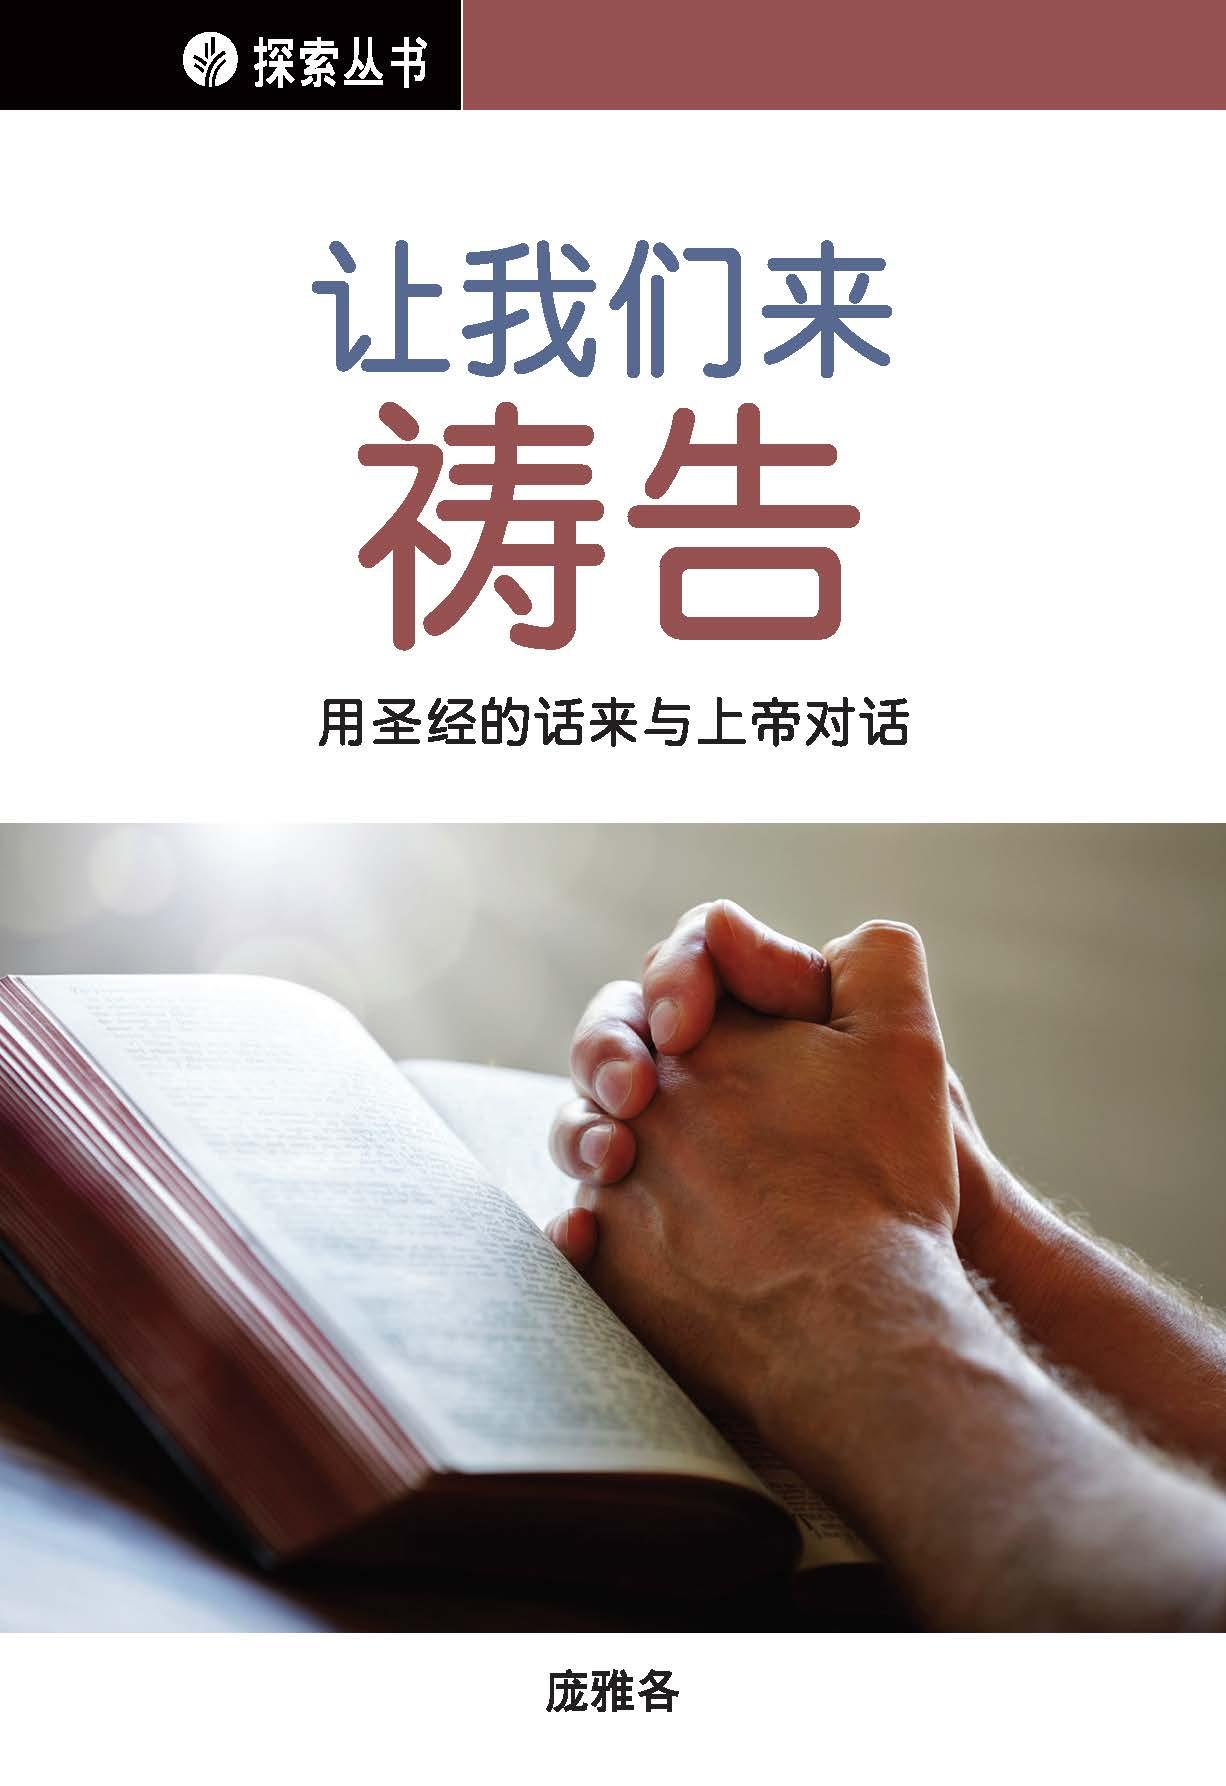 《让我们来祷告》